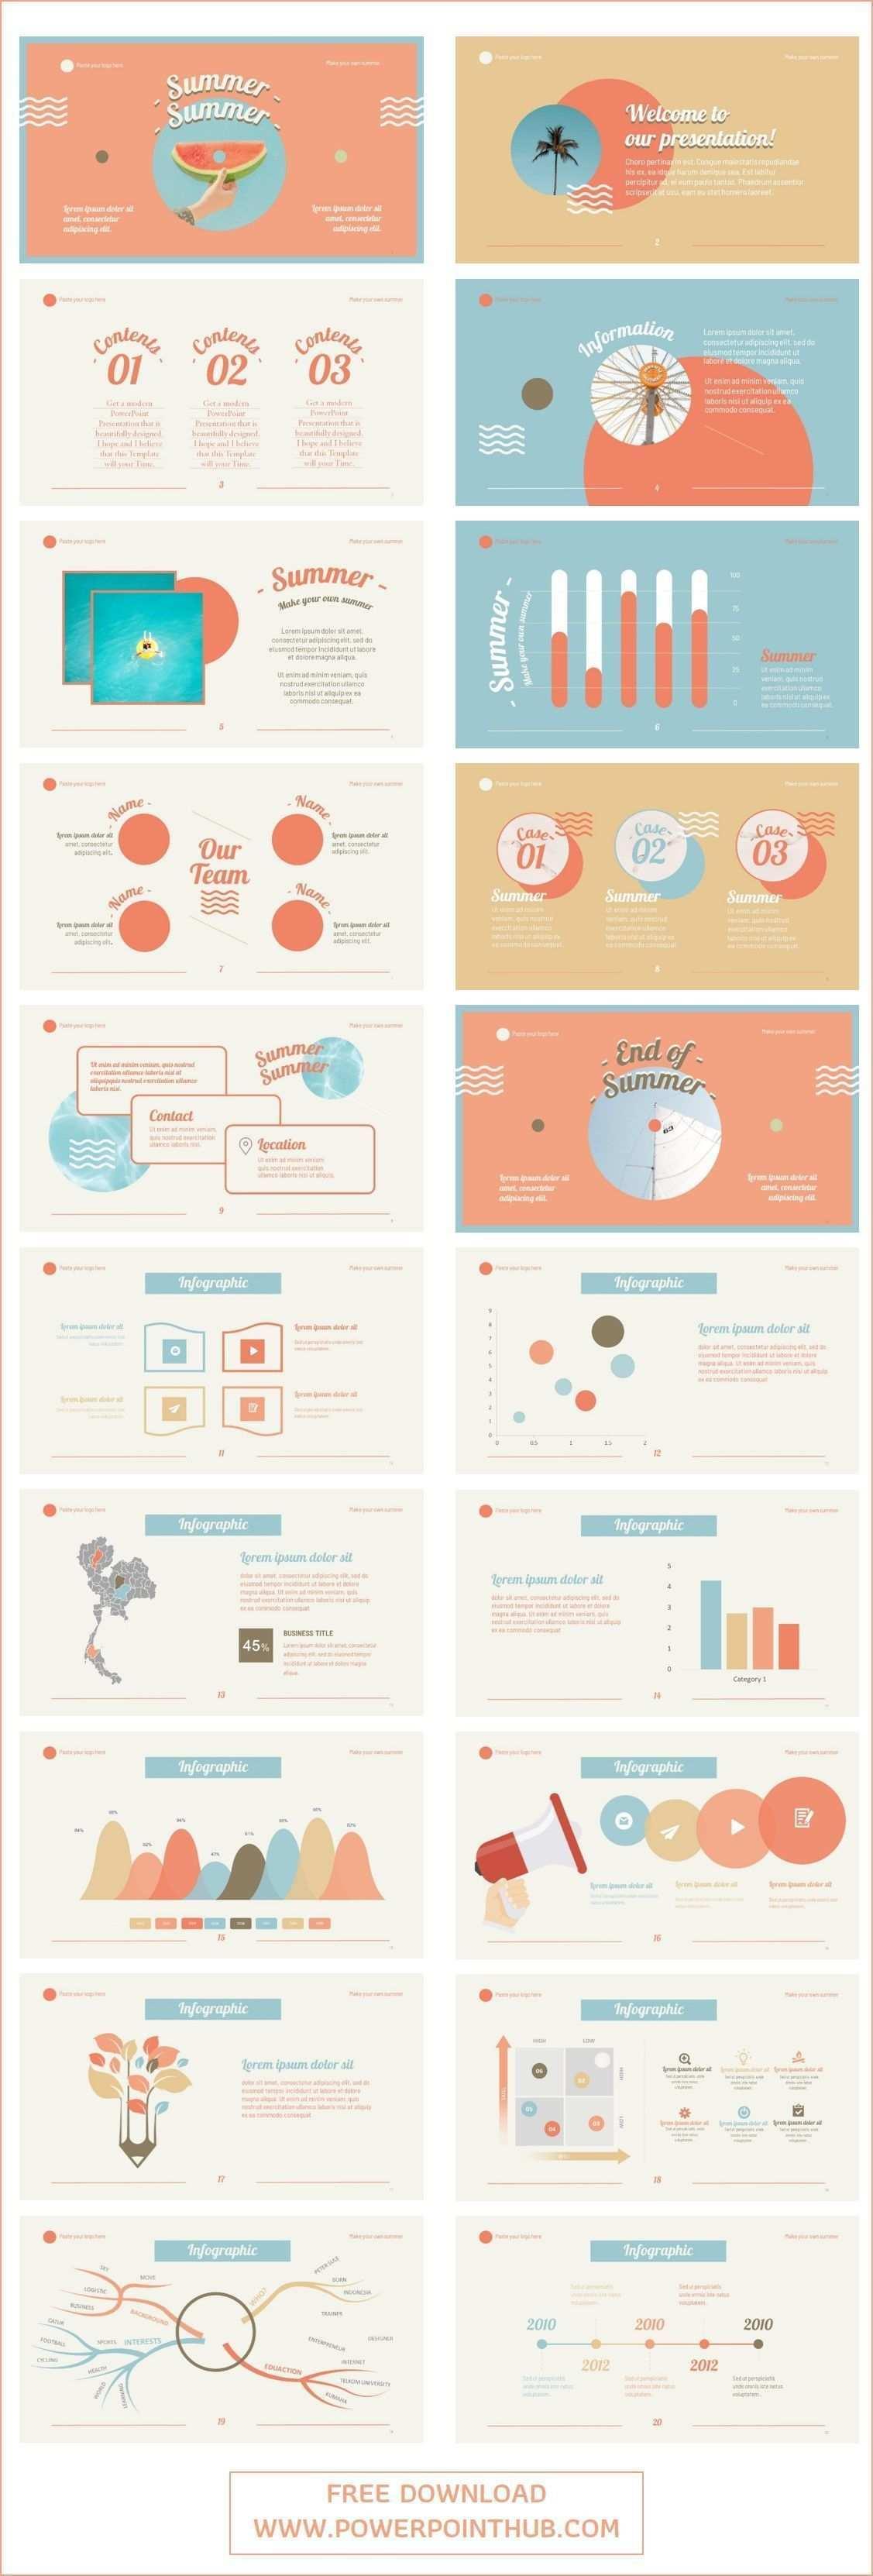 Summer Powerpoint Template Infographic Infographictemplate Powerpoint Summe Powerpoint Hintergrund Vorlagen Powerpoint Vorlagen Ideen Fur Prasentationen